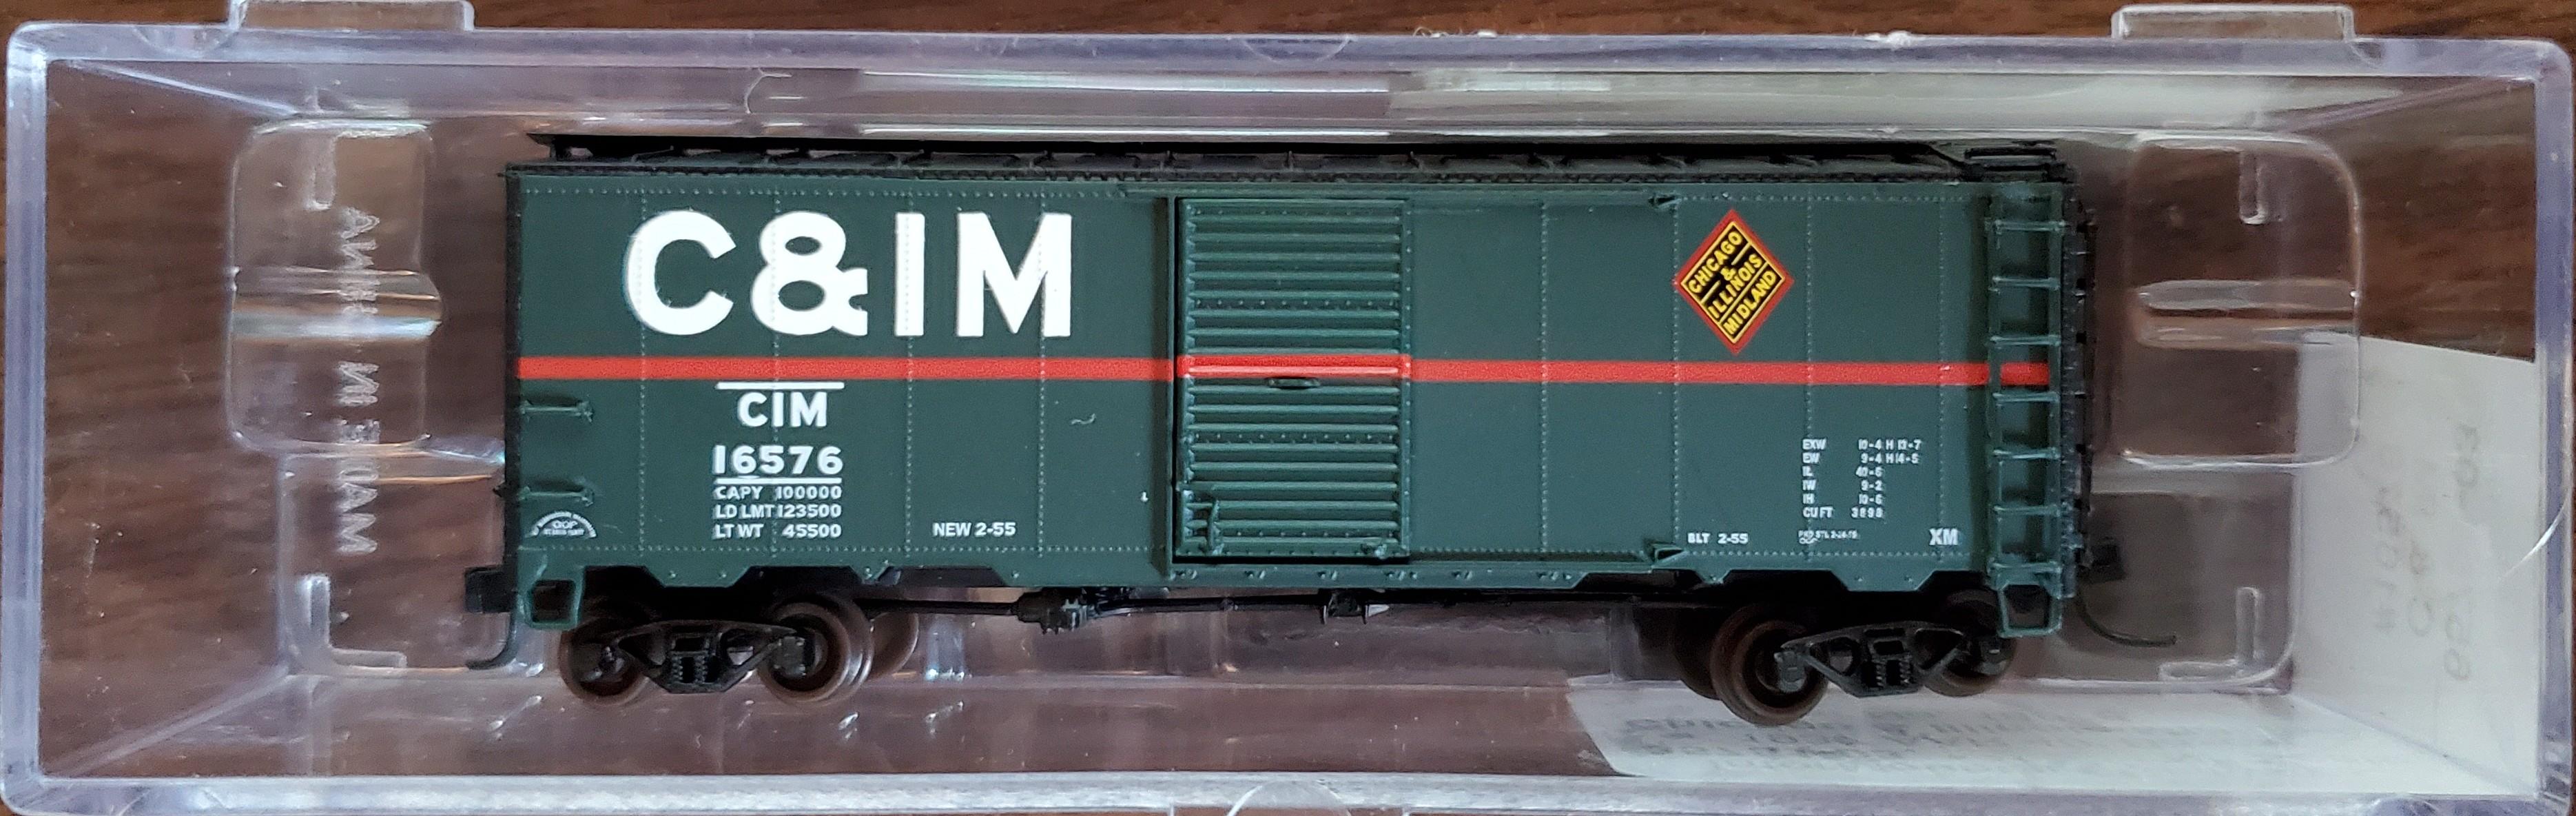 N Scale - InterMountain - 65751-03 - Chicago & Illinois Midland - 16576